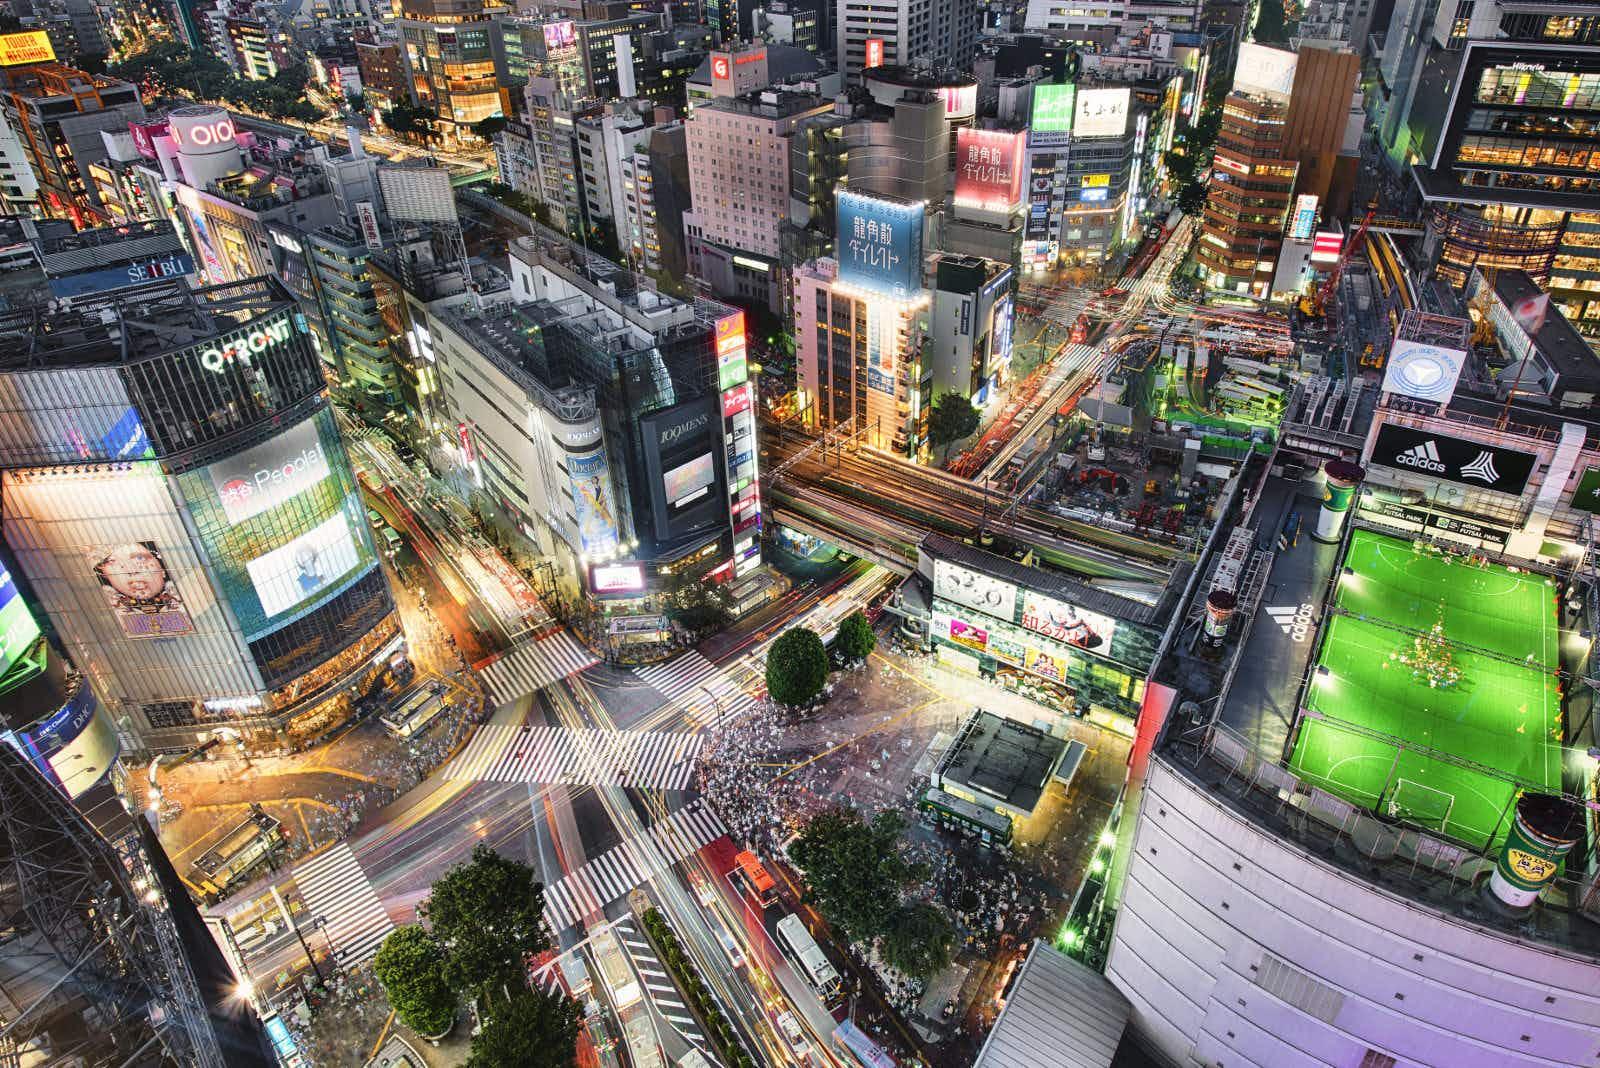 Shibuya Crossing in Tokyo © Duane Walker